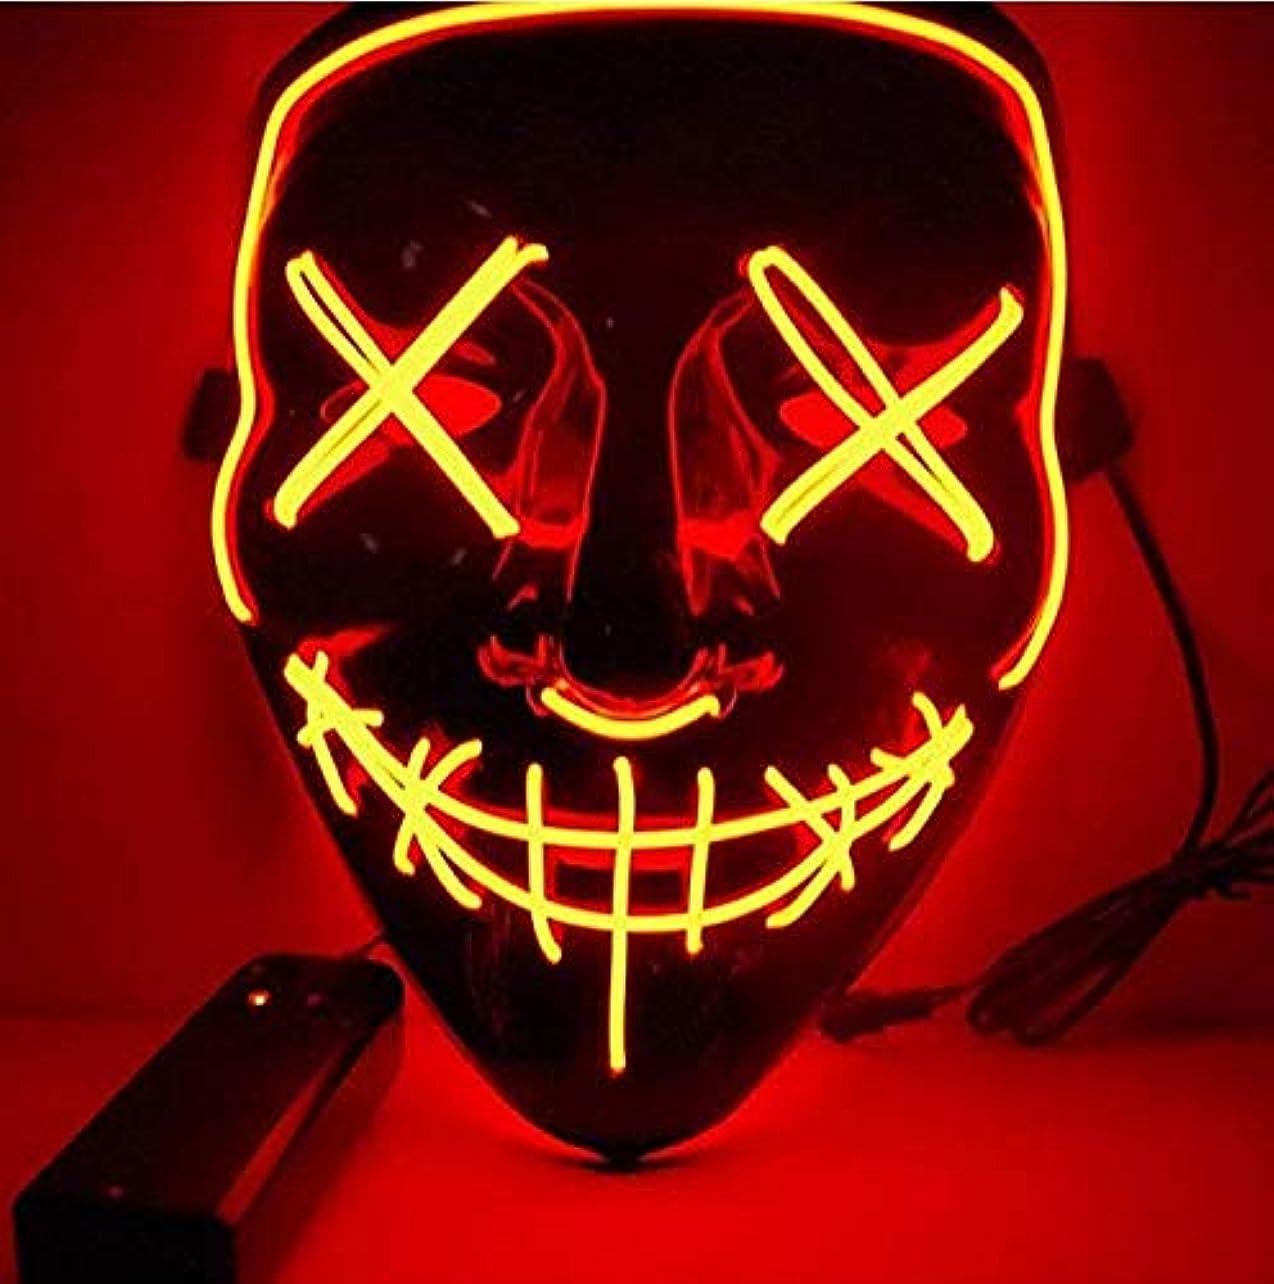 こだわり猫背金属ハロウィンマスクLEDライトアップパーティーマスクコスプレコスチュームサプライ暗闇で光る (Color : ROSE RED)